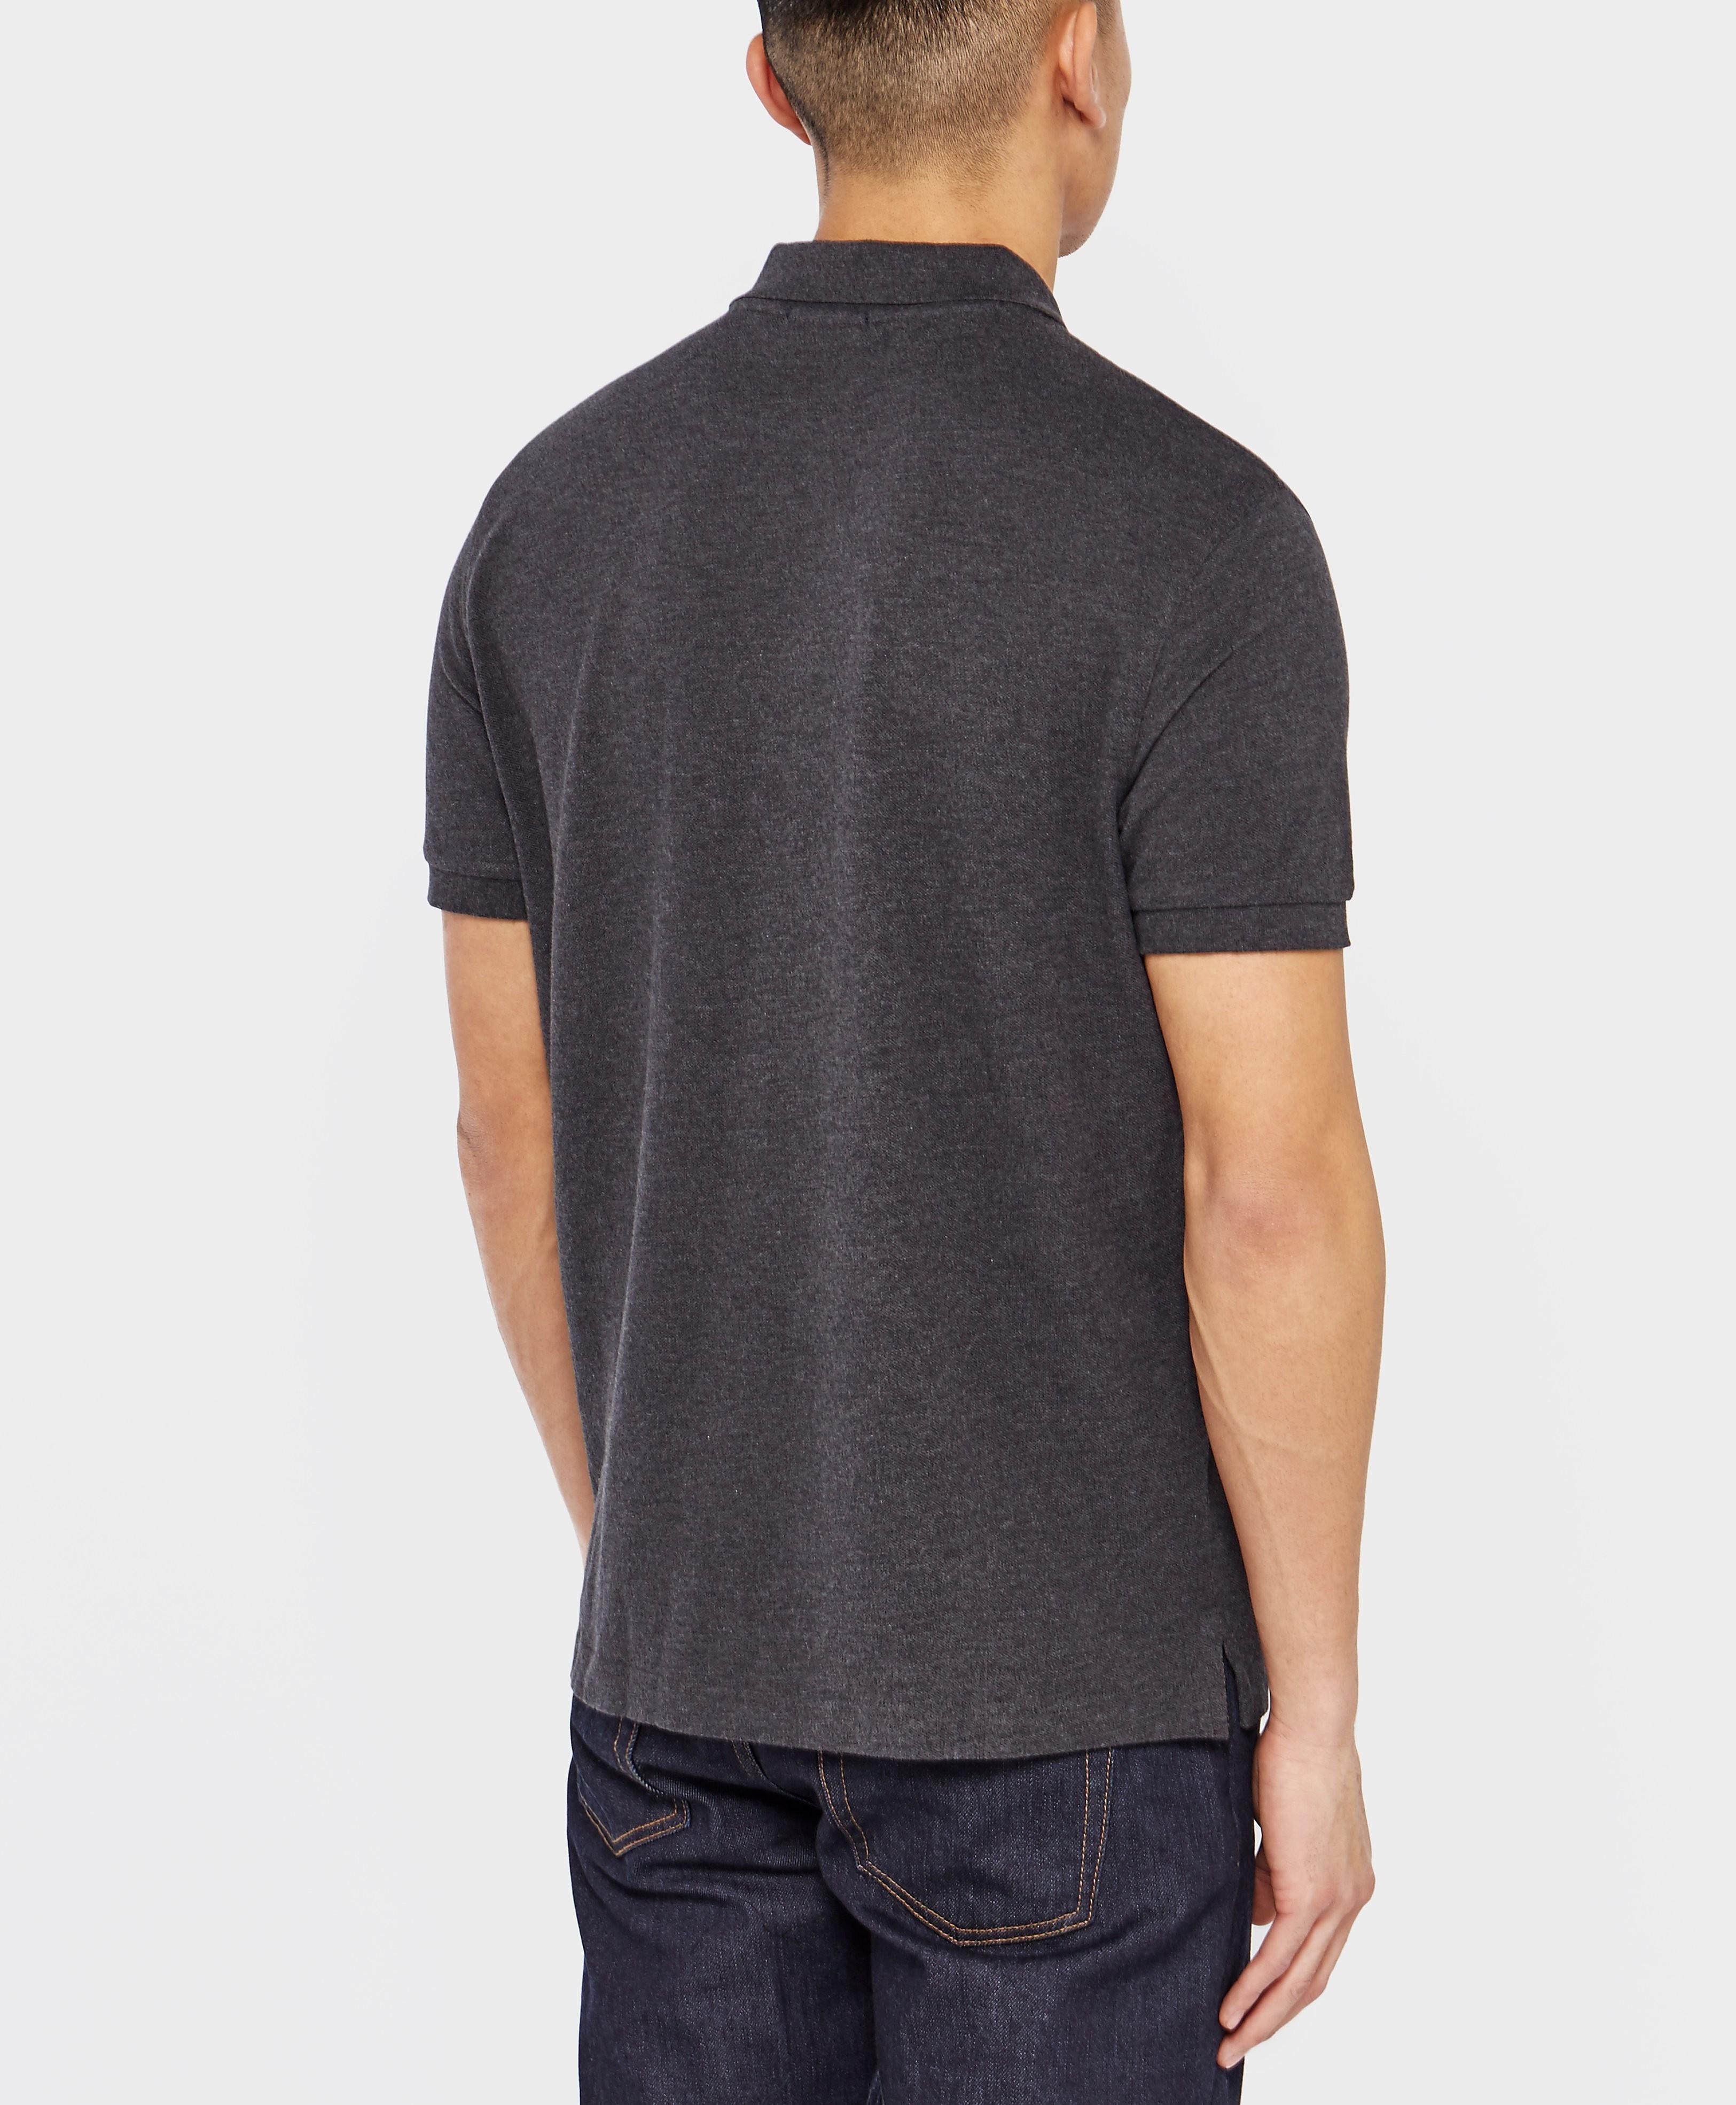 GANT Rugger Pique Polo Shirt